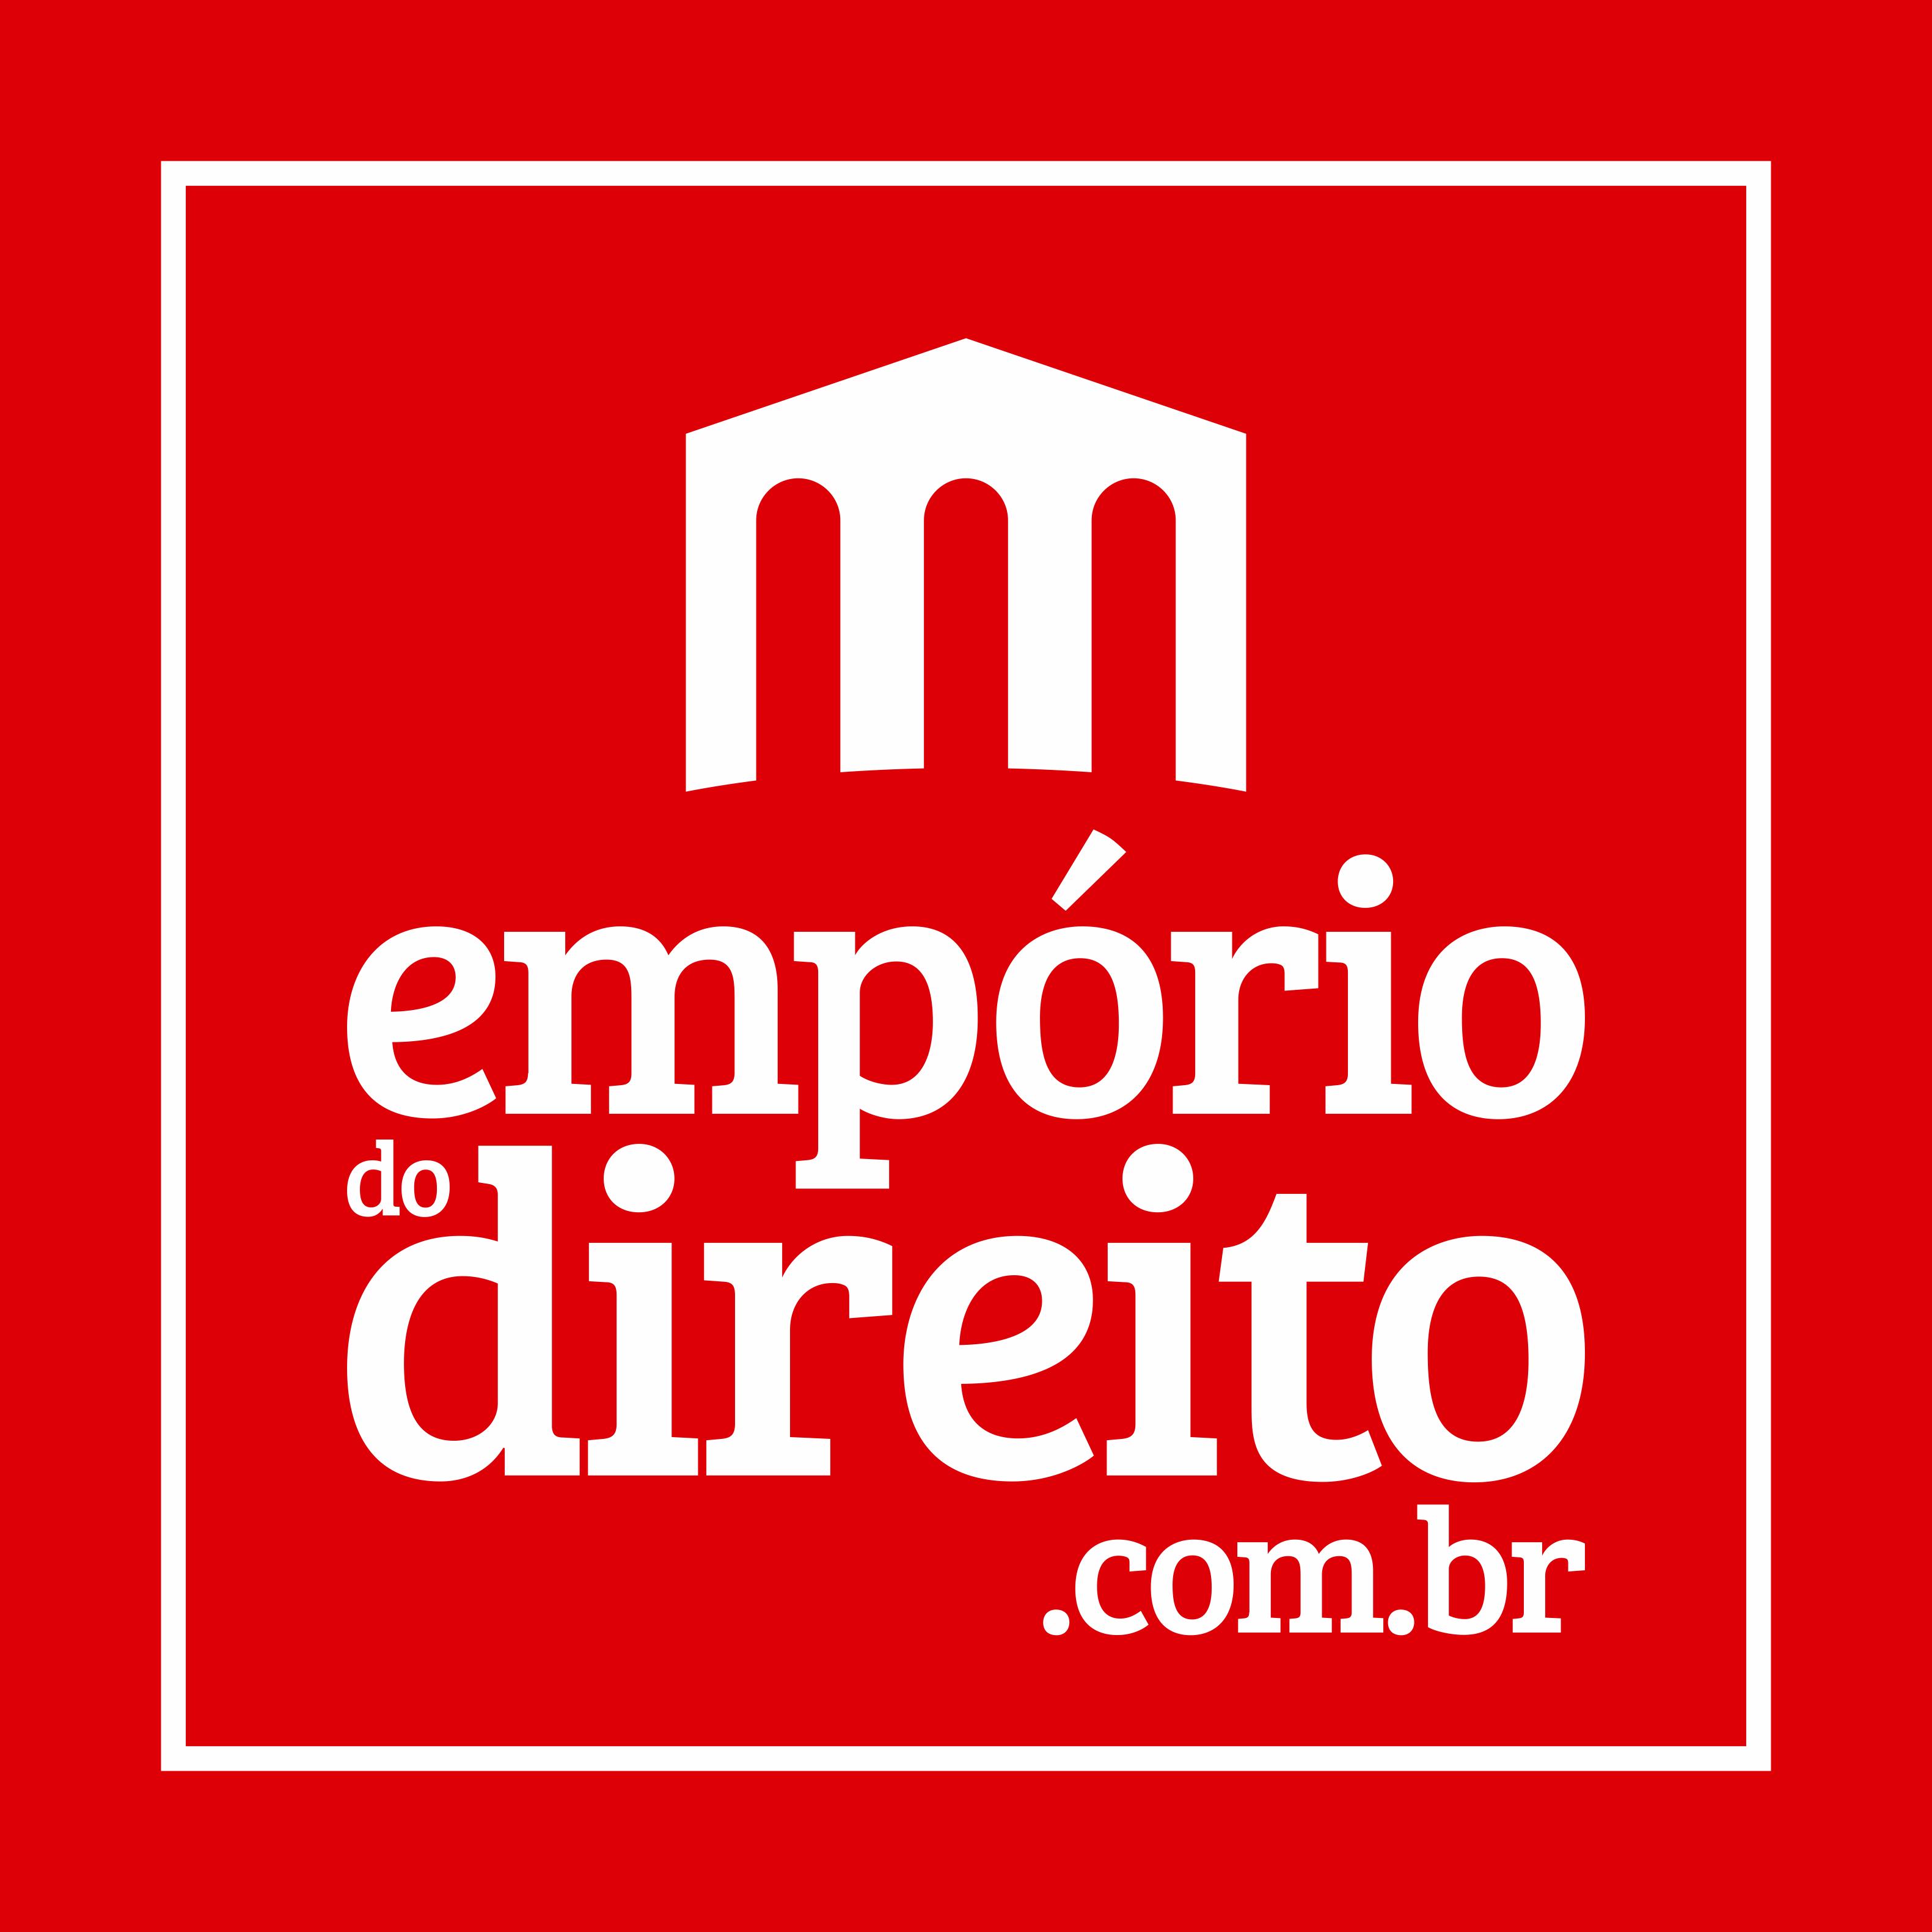 Logotipo Empório do Direito